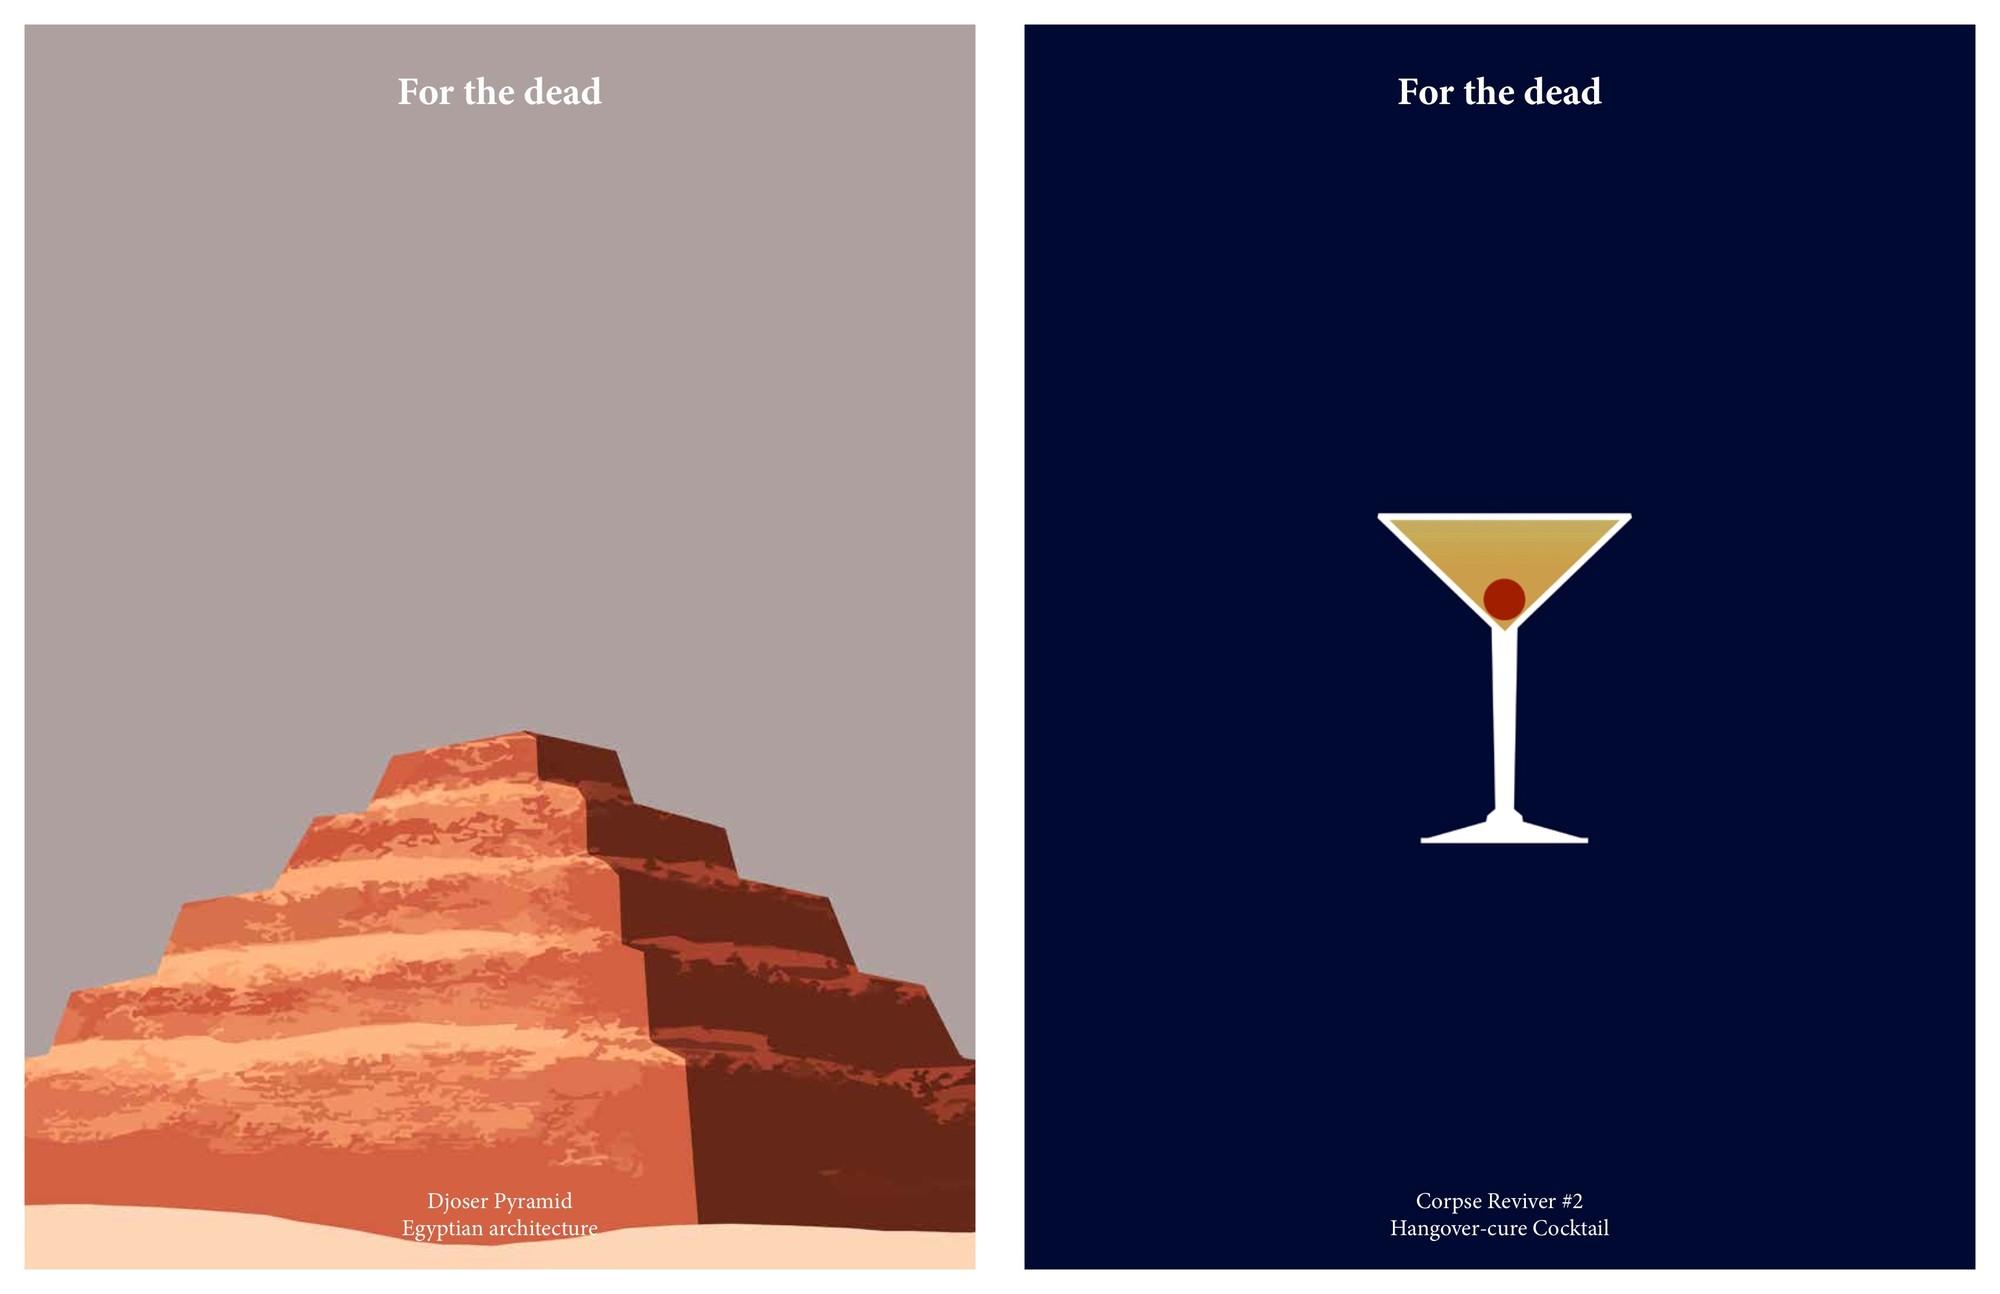 Pirámide de Djoser / Corpse Reviver #2. Imágen cortesía de Kosmos Architects